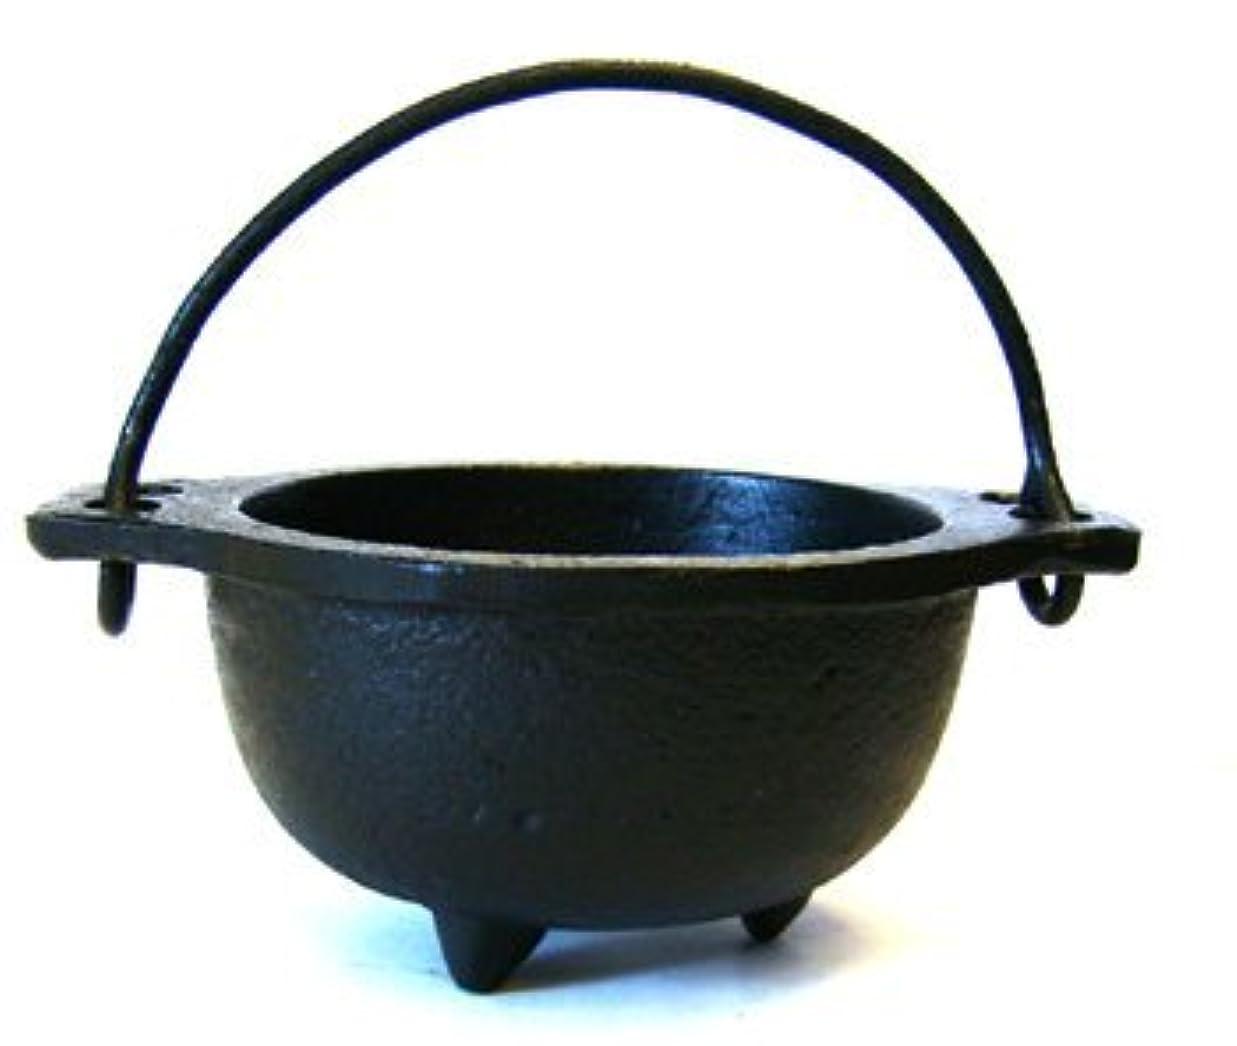 煙キャラバン実行可能(6.4cm Diameter) - Cast Iron Cauldron w/handle, ideal for smudging, incense burning, ritual purpose, decoration...